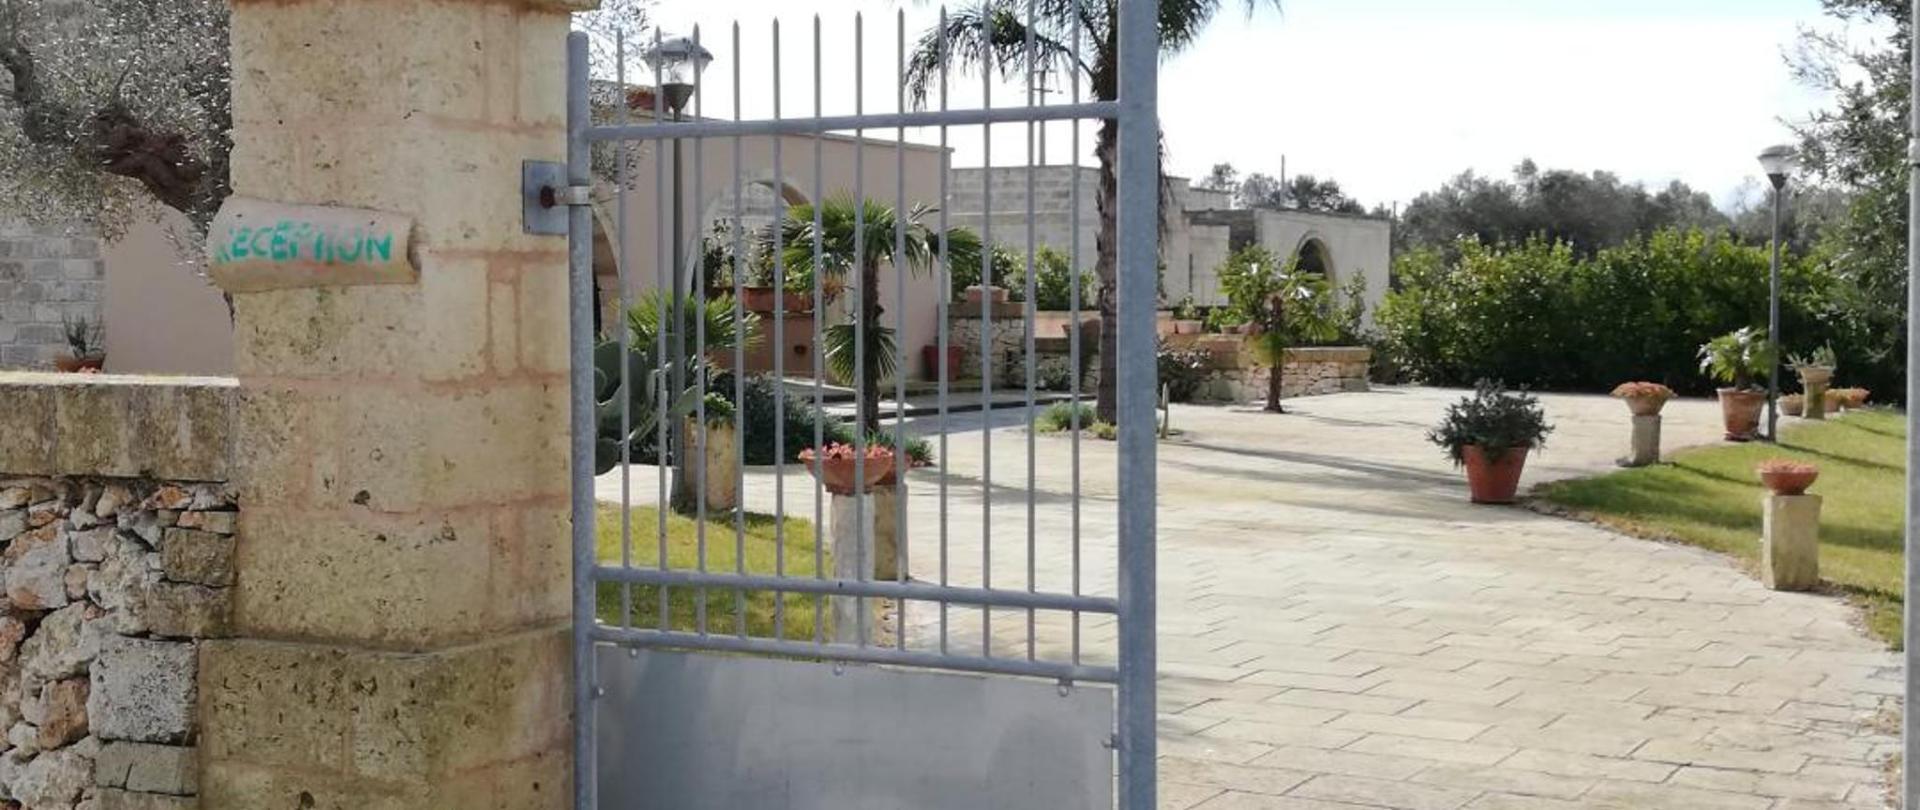 3 cancello ingresso.jpg